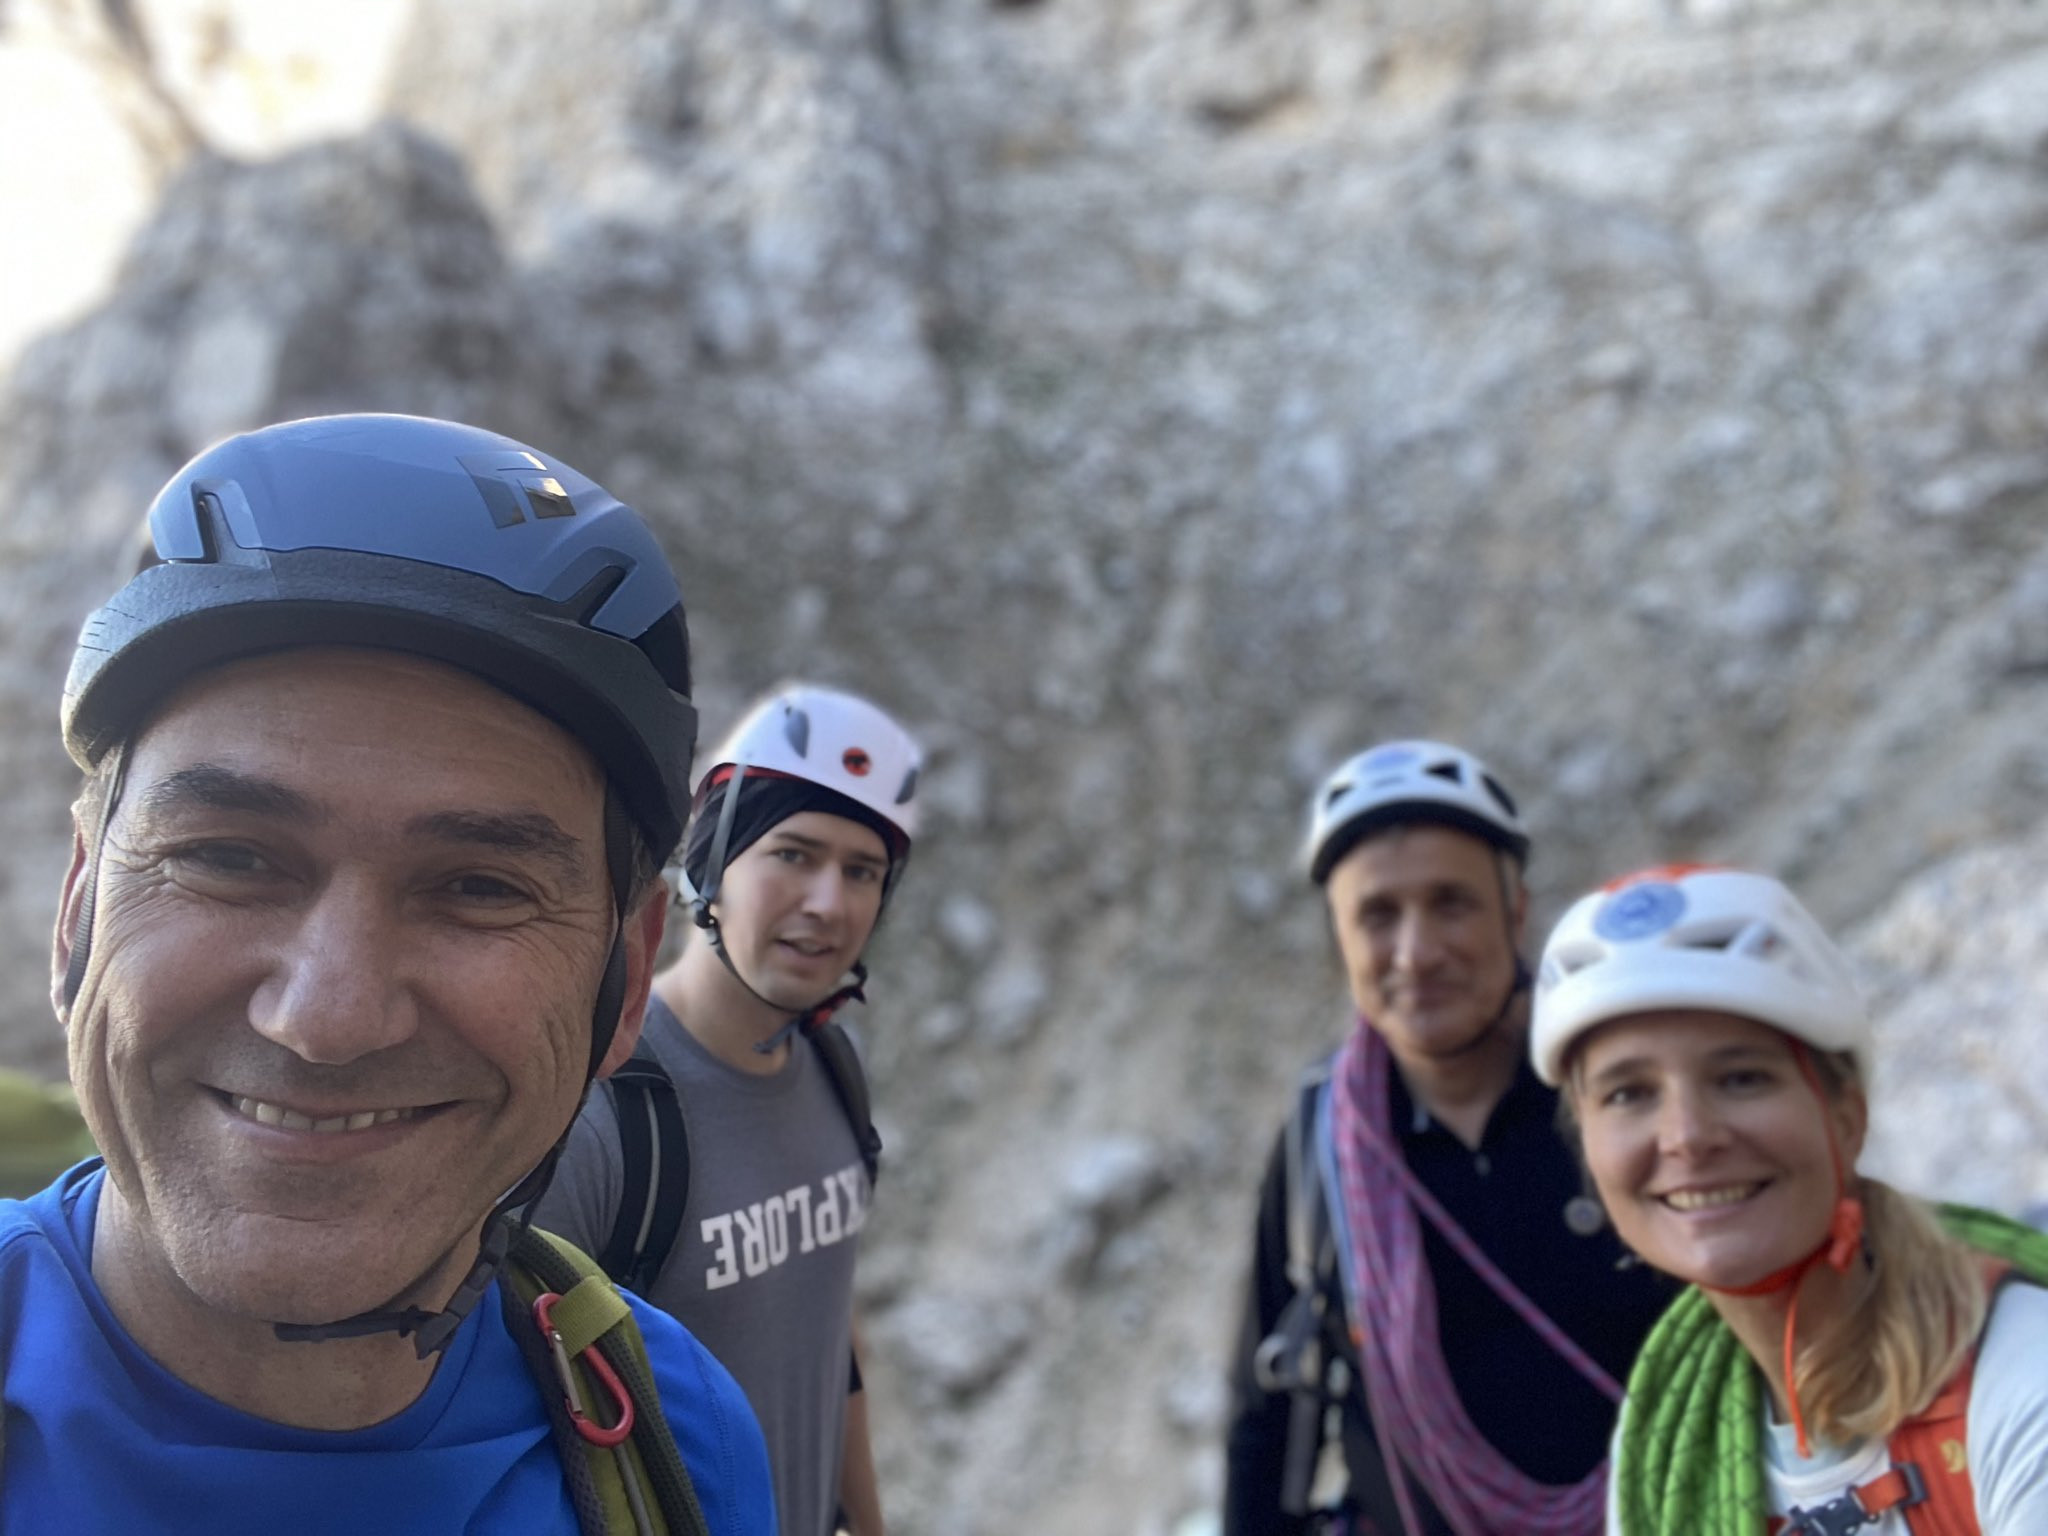 Septembra je Tina po Triglavski severni steni plezala s premierjem, soprogo (oba sta velika ljubitelja gora) in avstrijskim kanclerjem Sebastianom Kurzom.